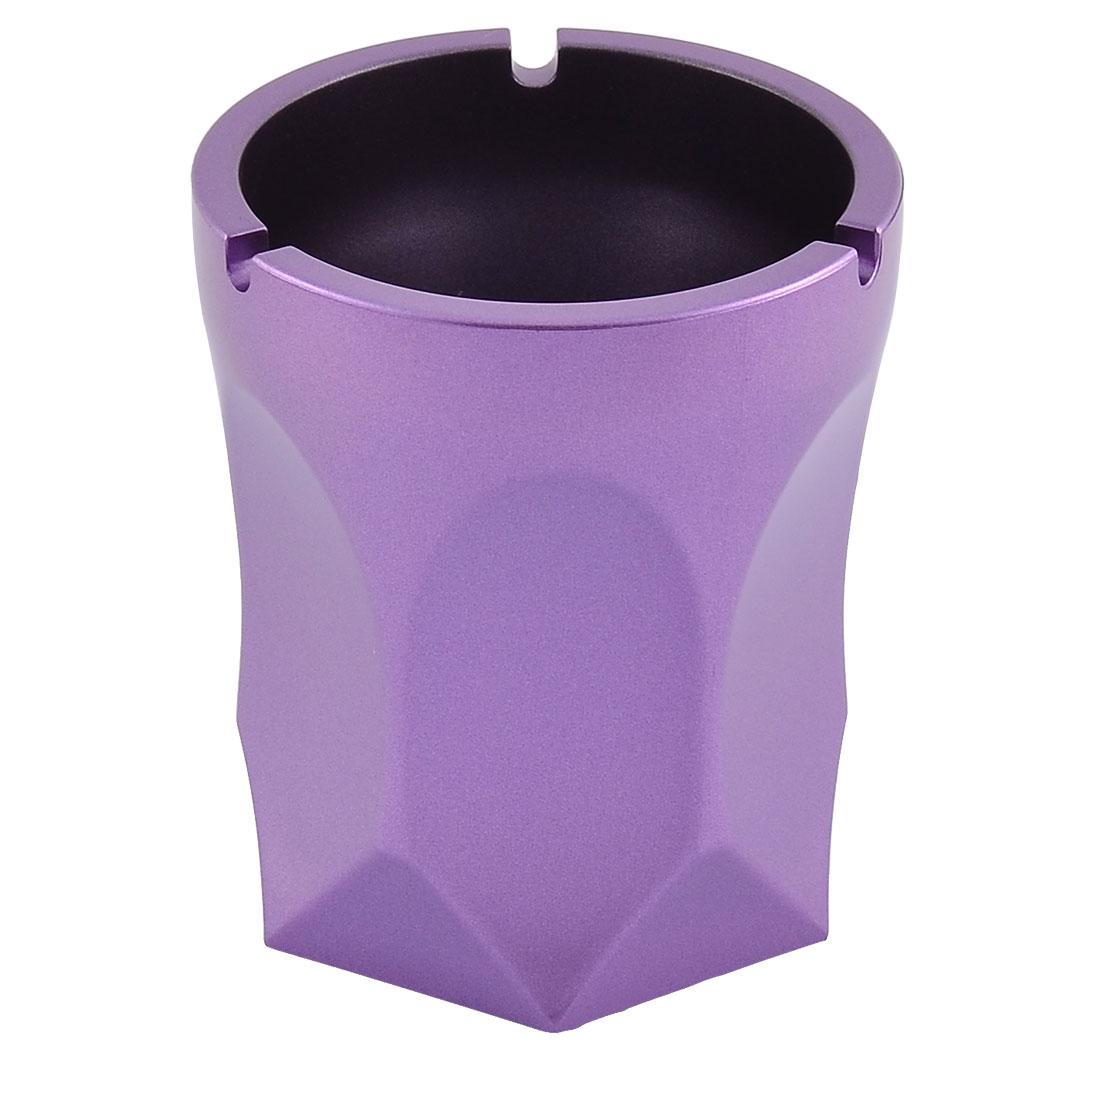 Hotel Bar Aluminium Alloy Rhomb Smoke Cigarette Ash Container Ashtray Purple